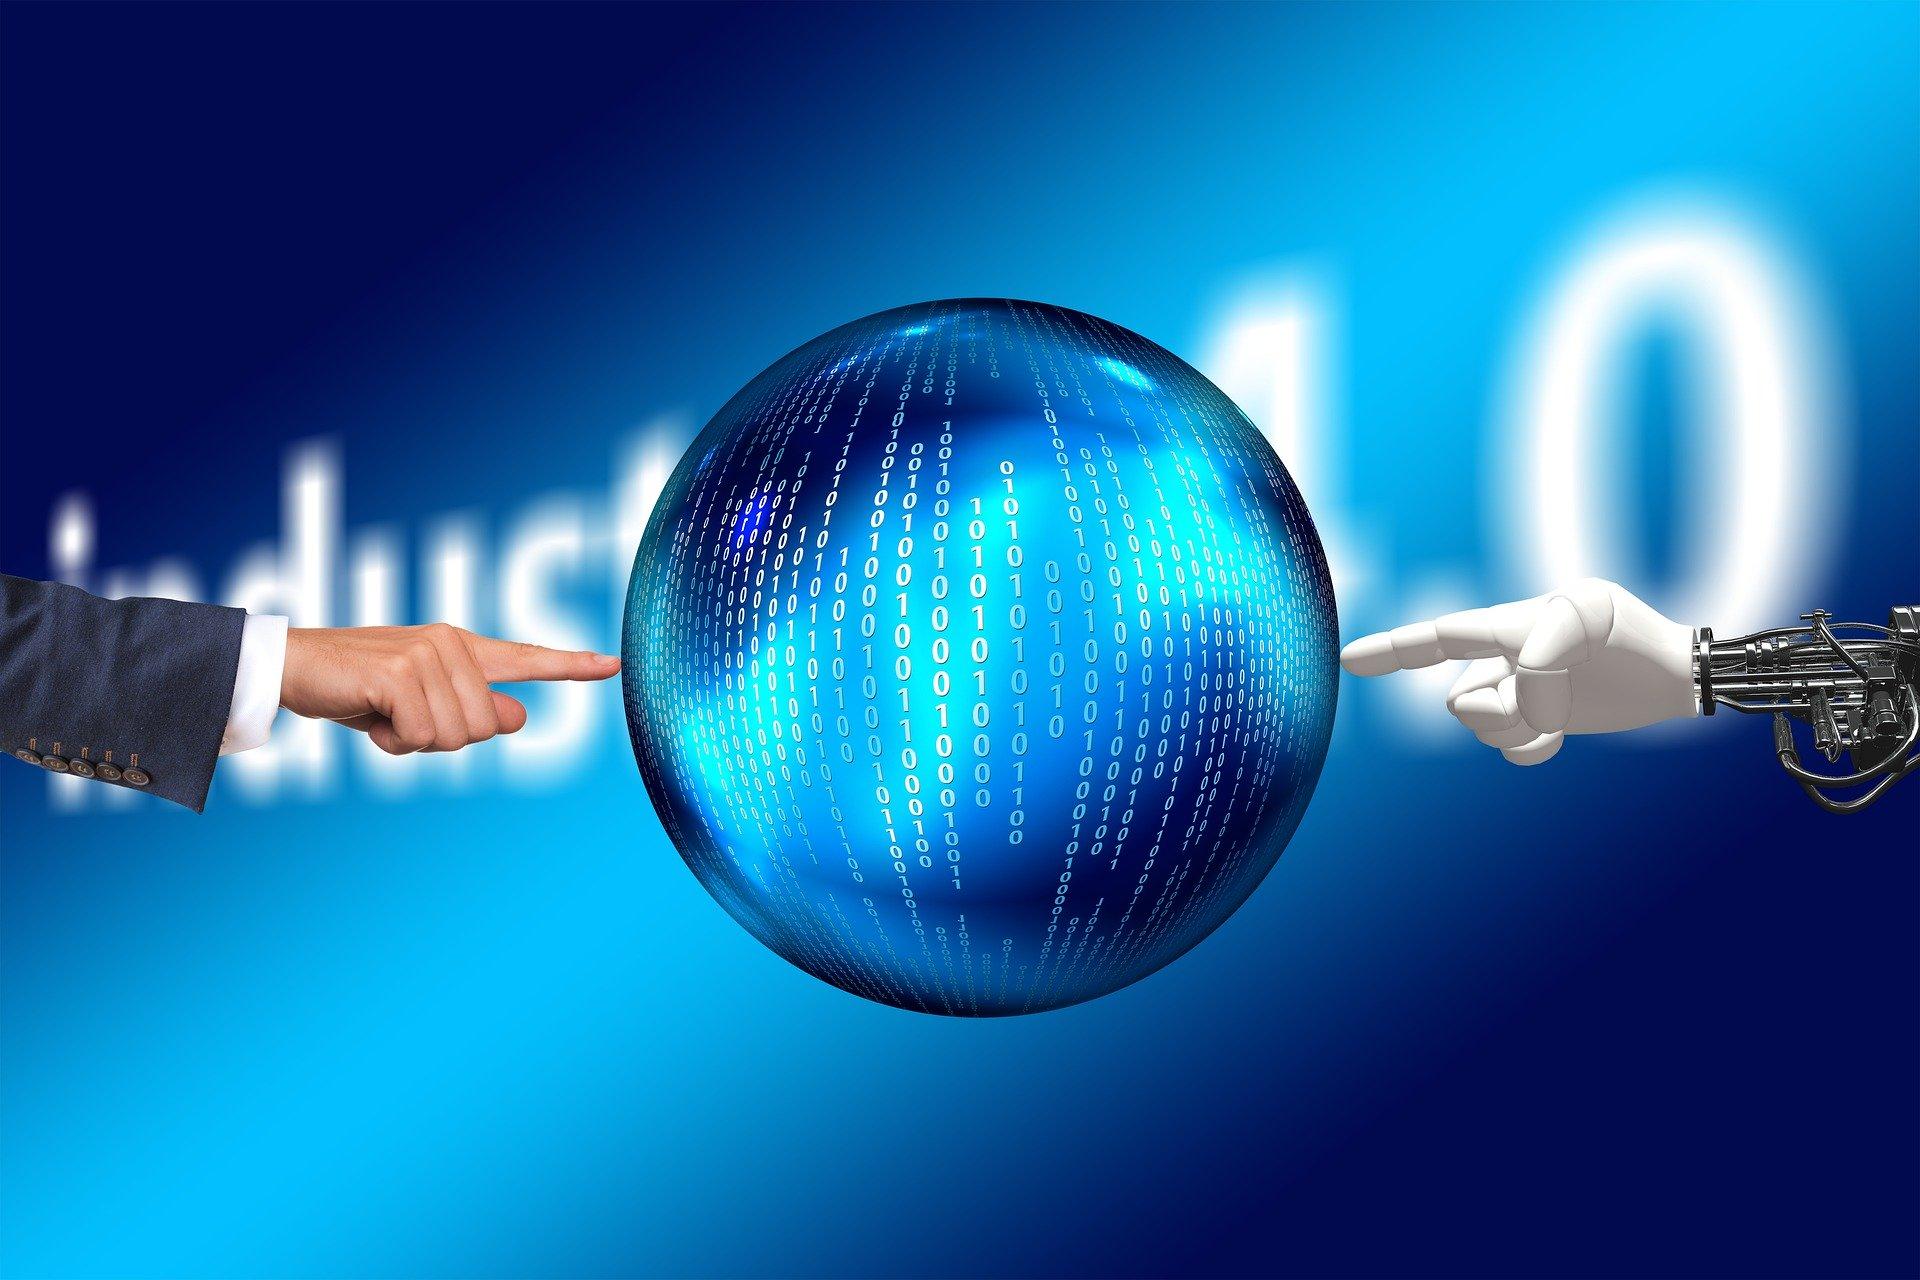 Homem versus máquina: quem terá emprego no futuro?